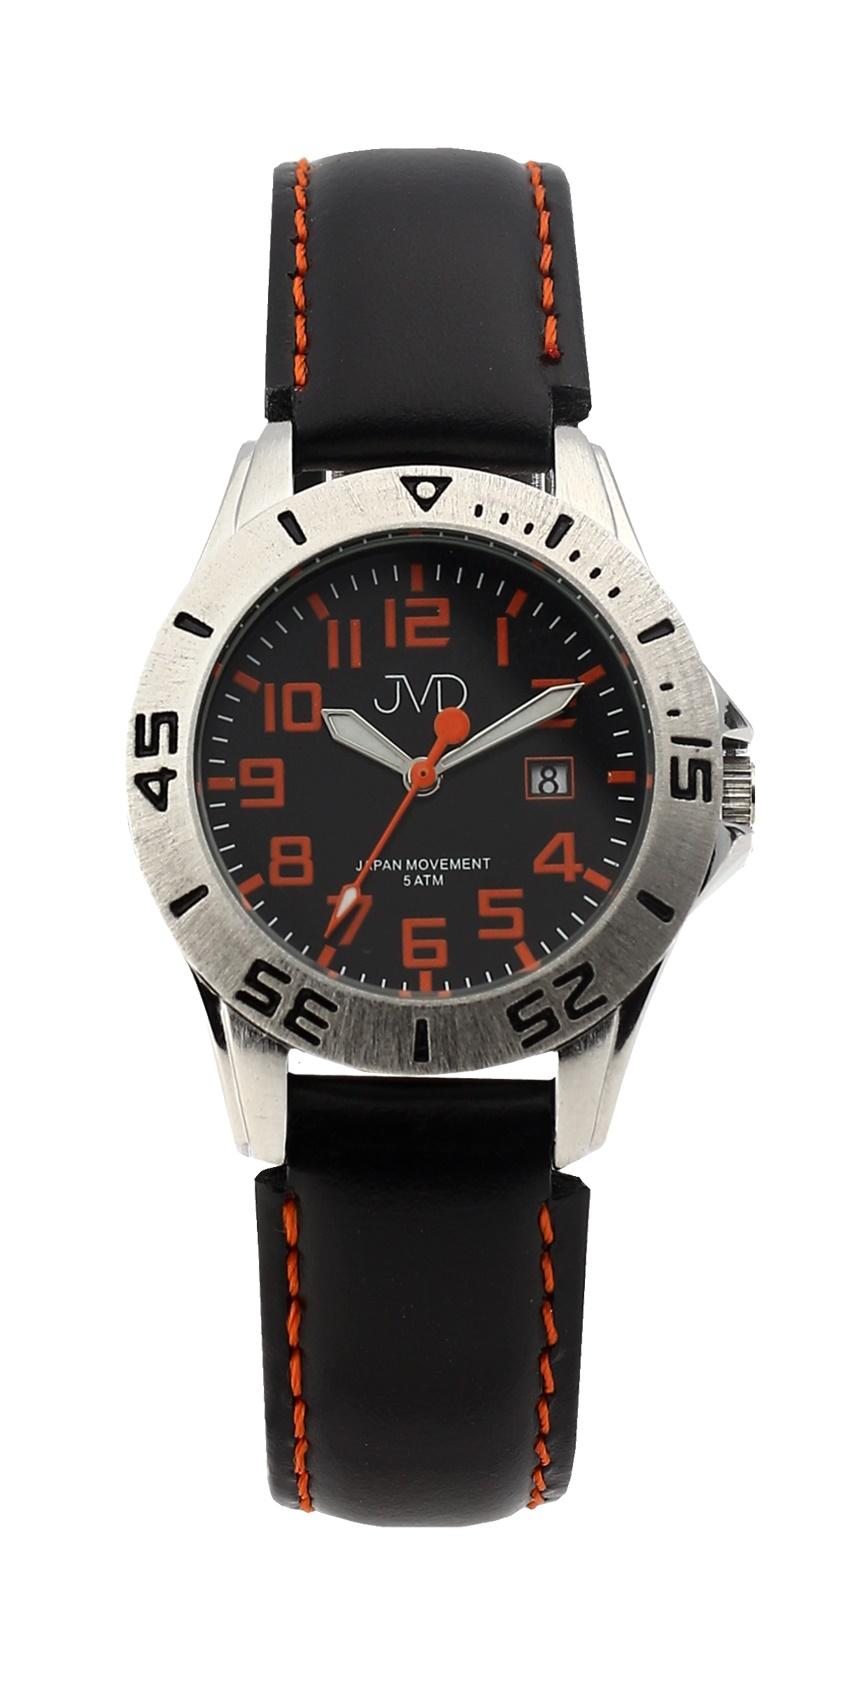 Černé chlapecké vodoodolné dětské náramkové hodinky JVD J7177.1 (5ATM - voděodolnost)